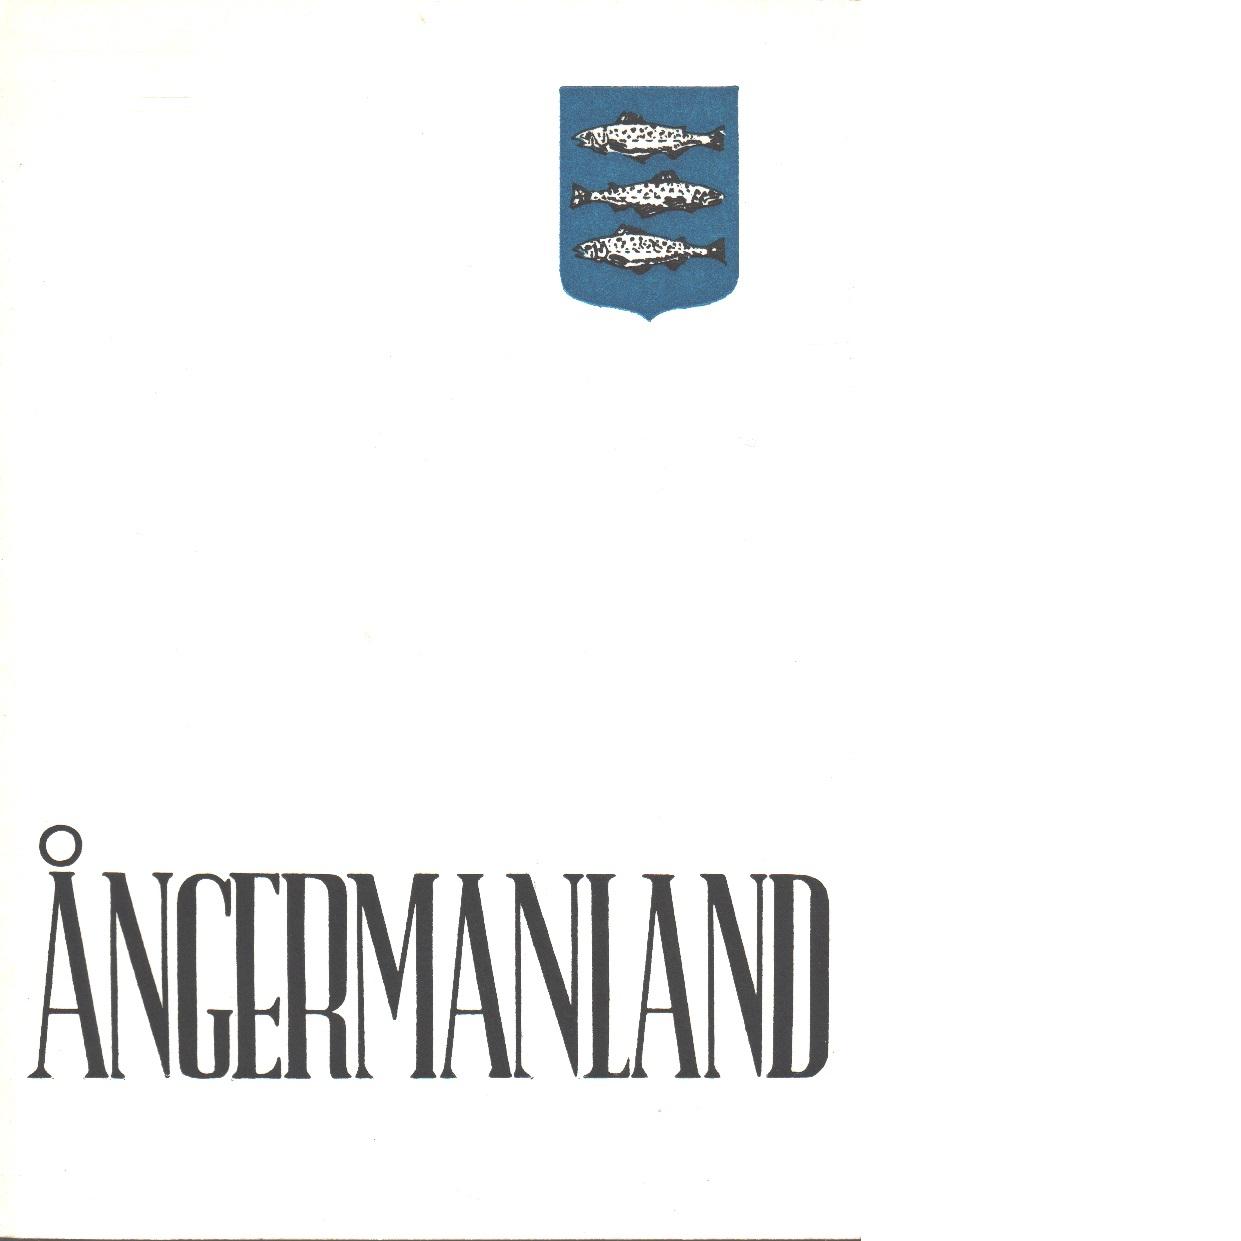 Ångermanland - Red. Ångermanlands Hembygdsförbund